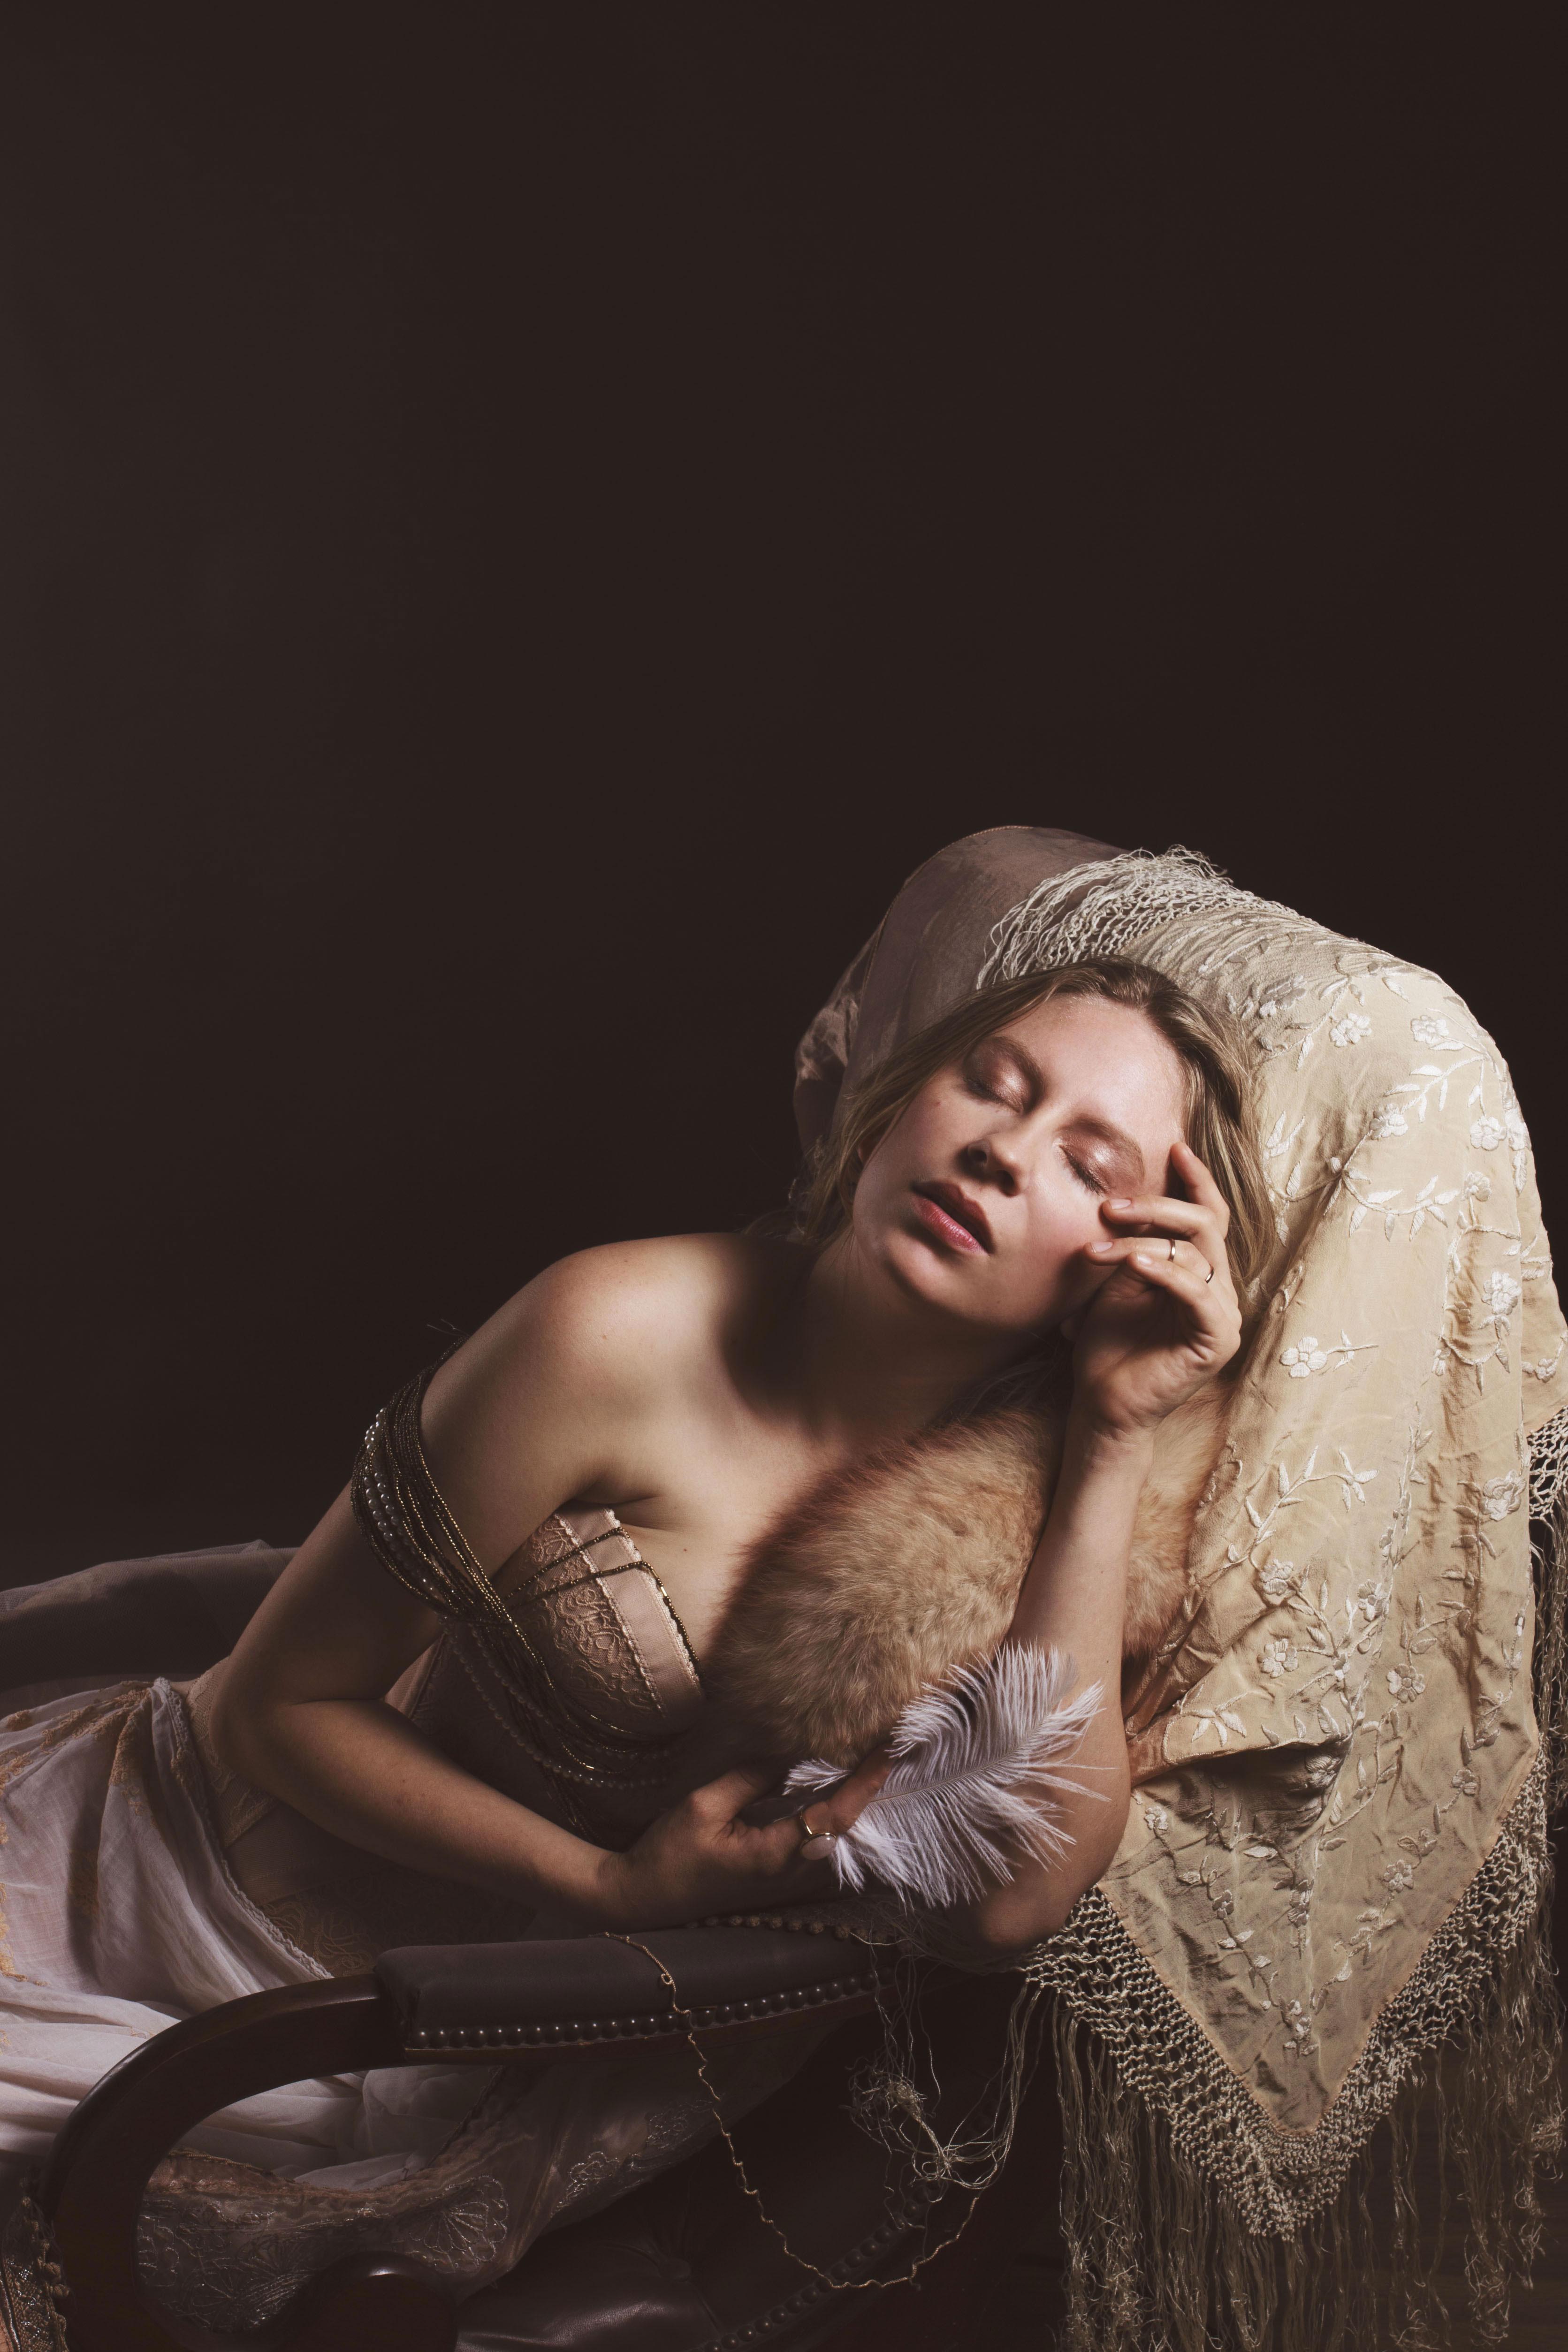 portrait studio ambiance boudoir vintage